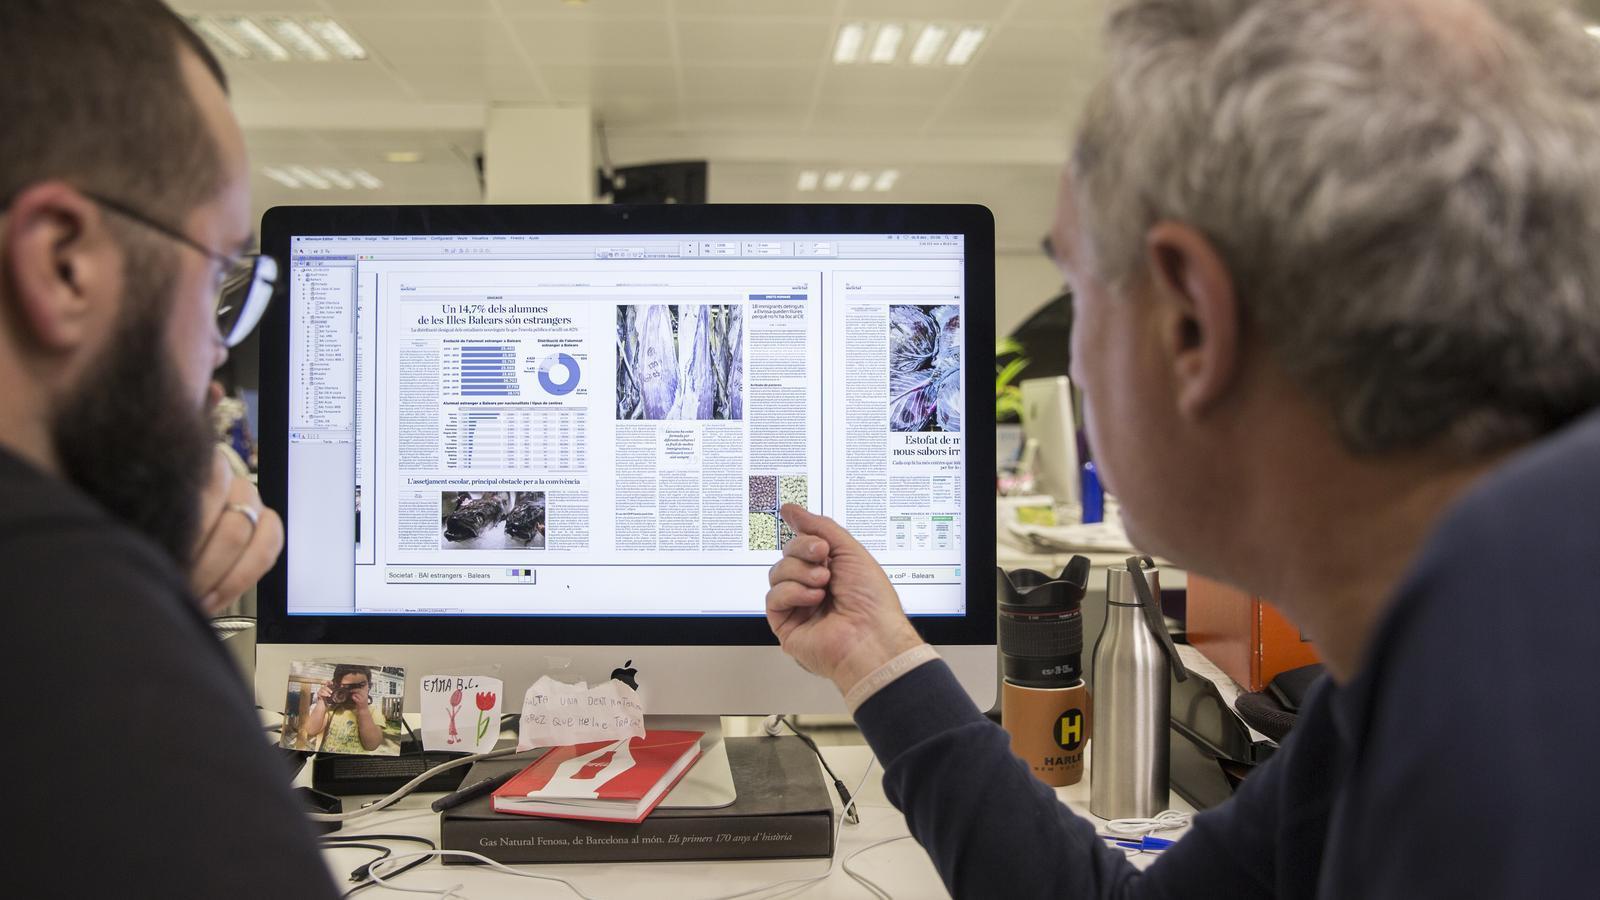 Ferran Adrià -a la dreta-, amb el fotògraf de l'ARA Ferran Forné -a l'esquerra-, preparant l'ARA Balears d'aquest diumenge